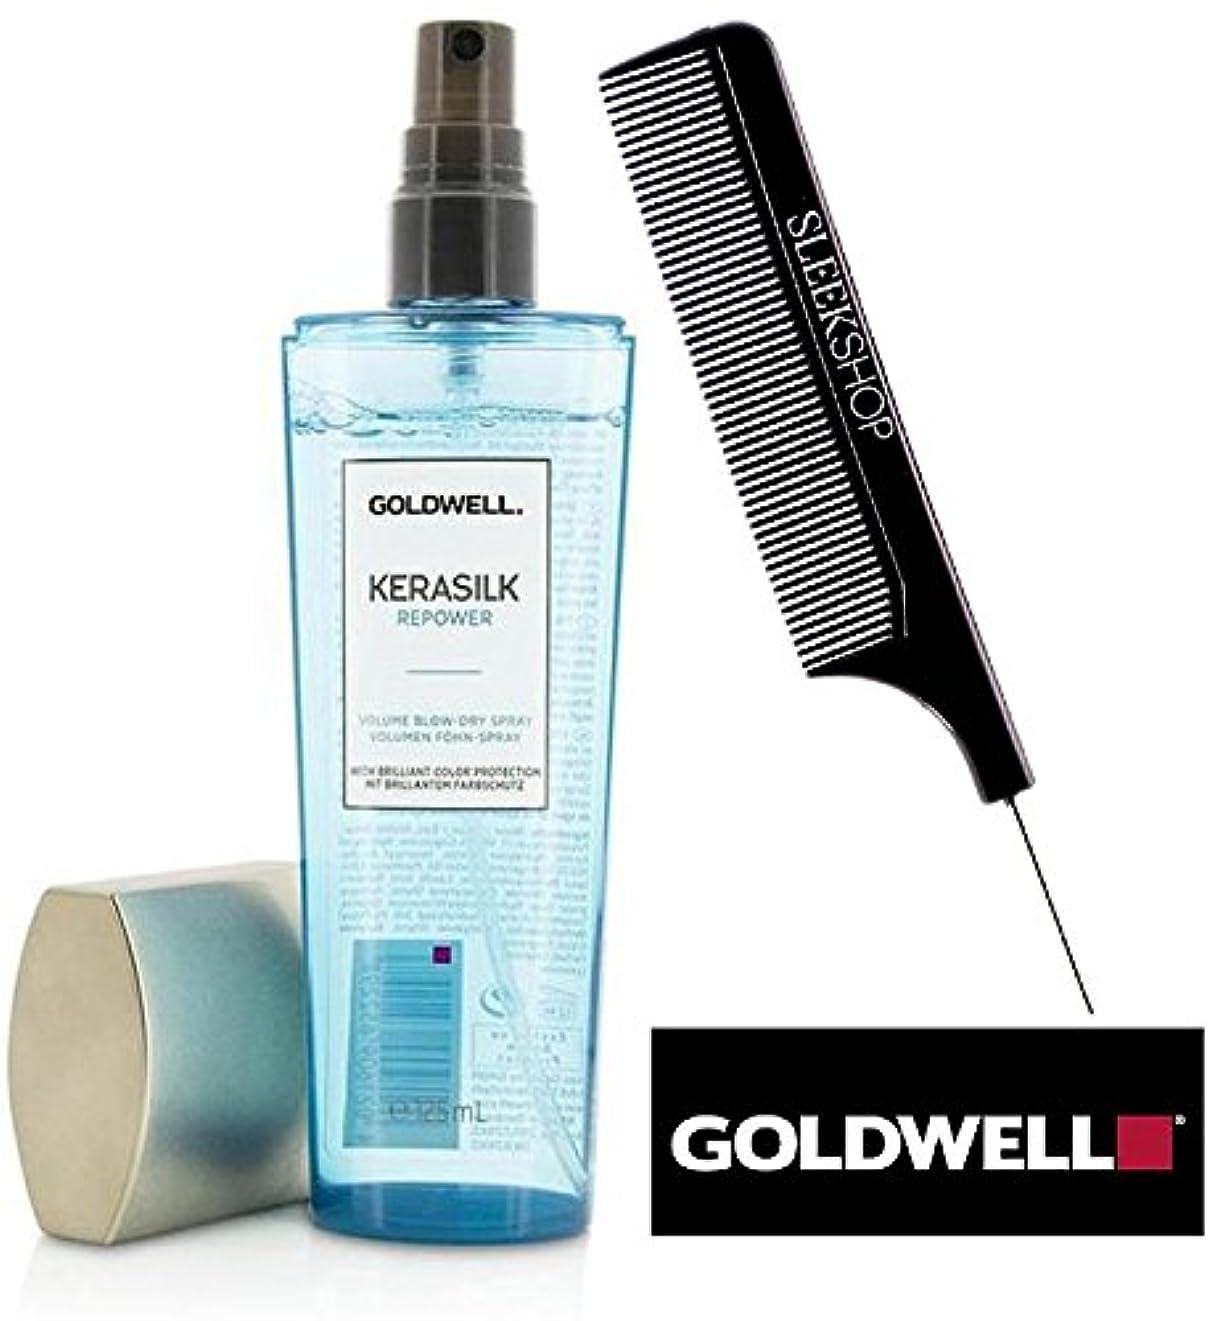 指導する歯科医有用Goldwell Kerasilkリパワーボリュームフェラ(なめらかなスチールピンテールくし付き)鮮やかな色保護をドライスプレー 4.2オンス/ 125ミリリットル